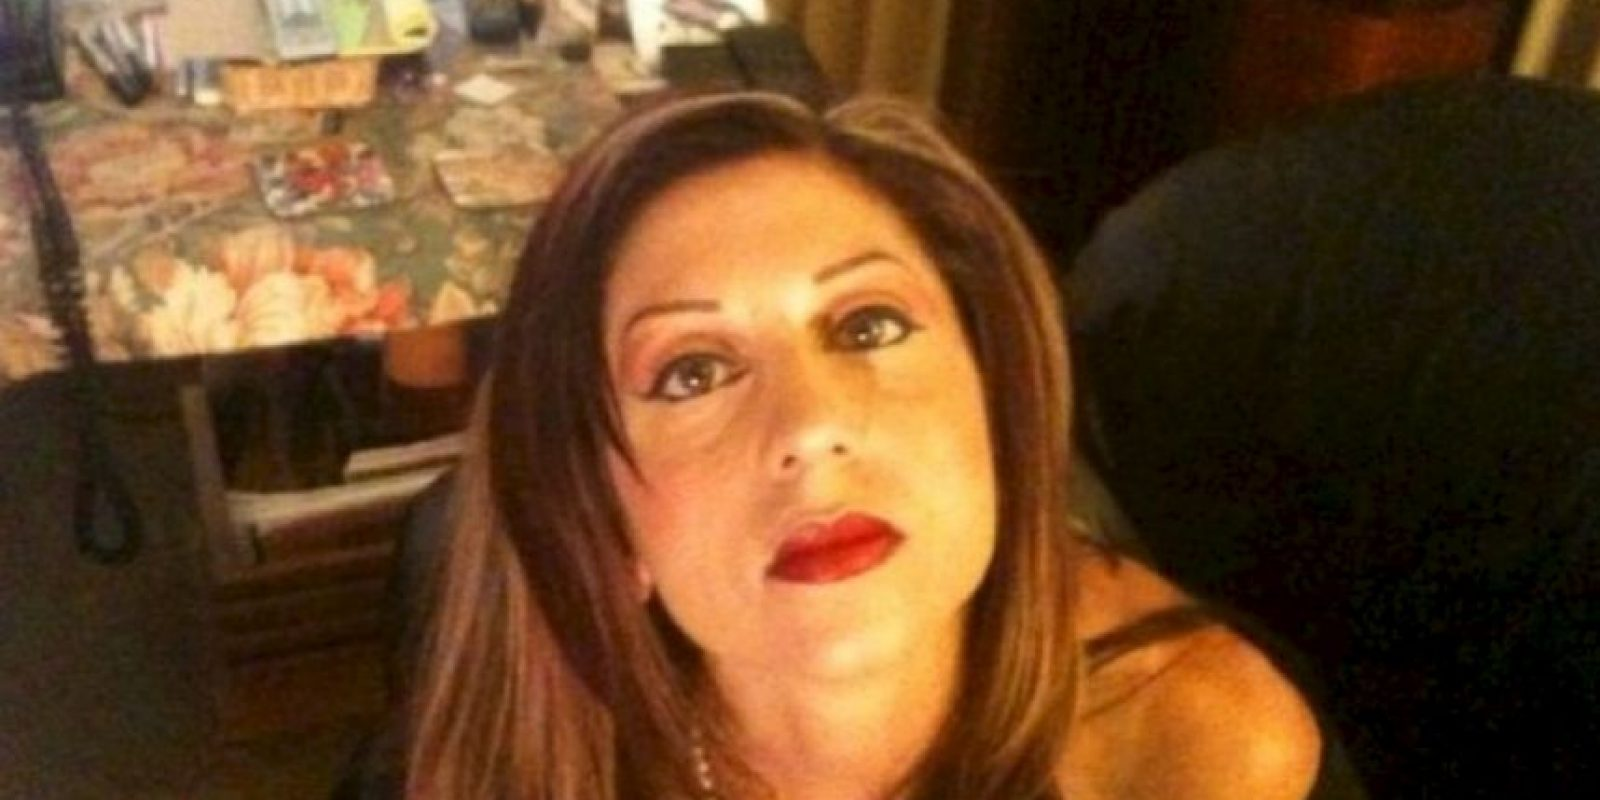 Una actriz californiana con un cuadro grave de anorexia agradece la ayuda brindada en redes sociales. Foto:Vía facebook.com/rachaellyne